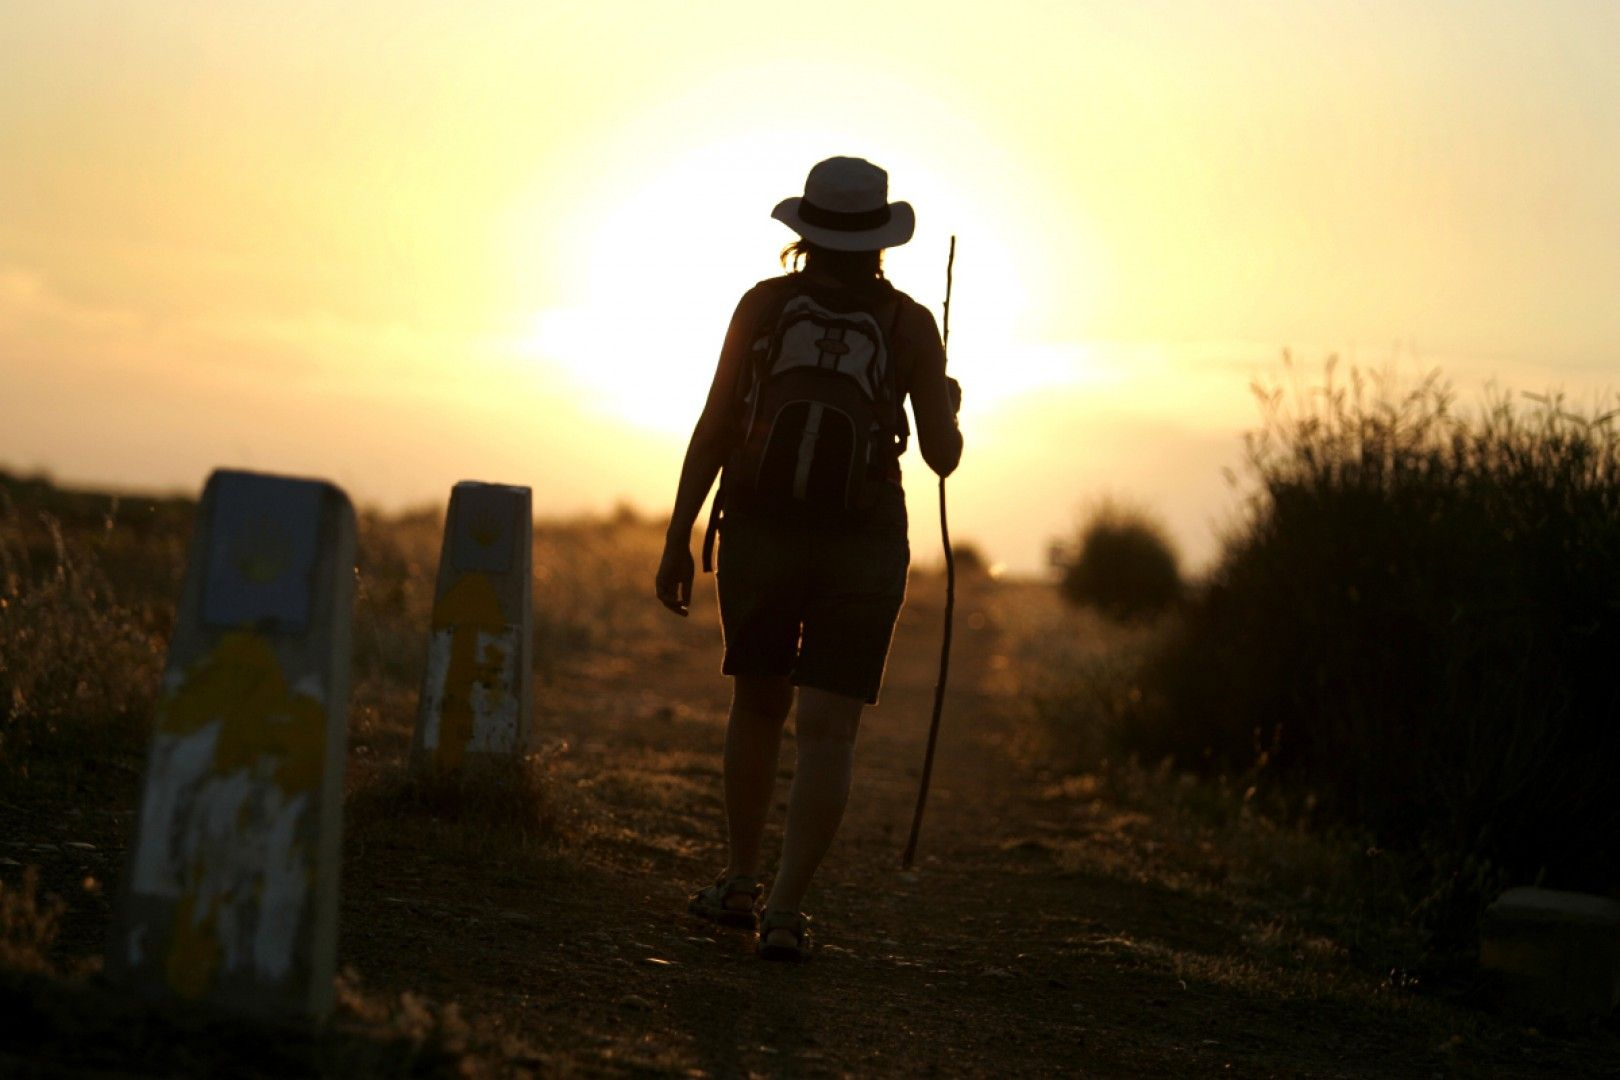 Maratones, #cicloturismo, #senderismo, #CaminodeSantiago, deportes de nieve y mucho más en www.experienciasdeportivas.com. Tu web de experiencias. Vívelas.